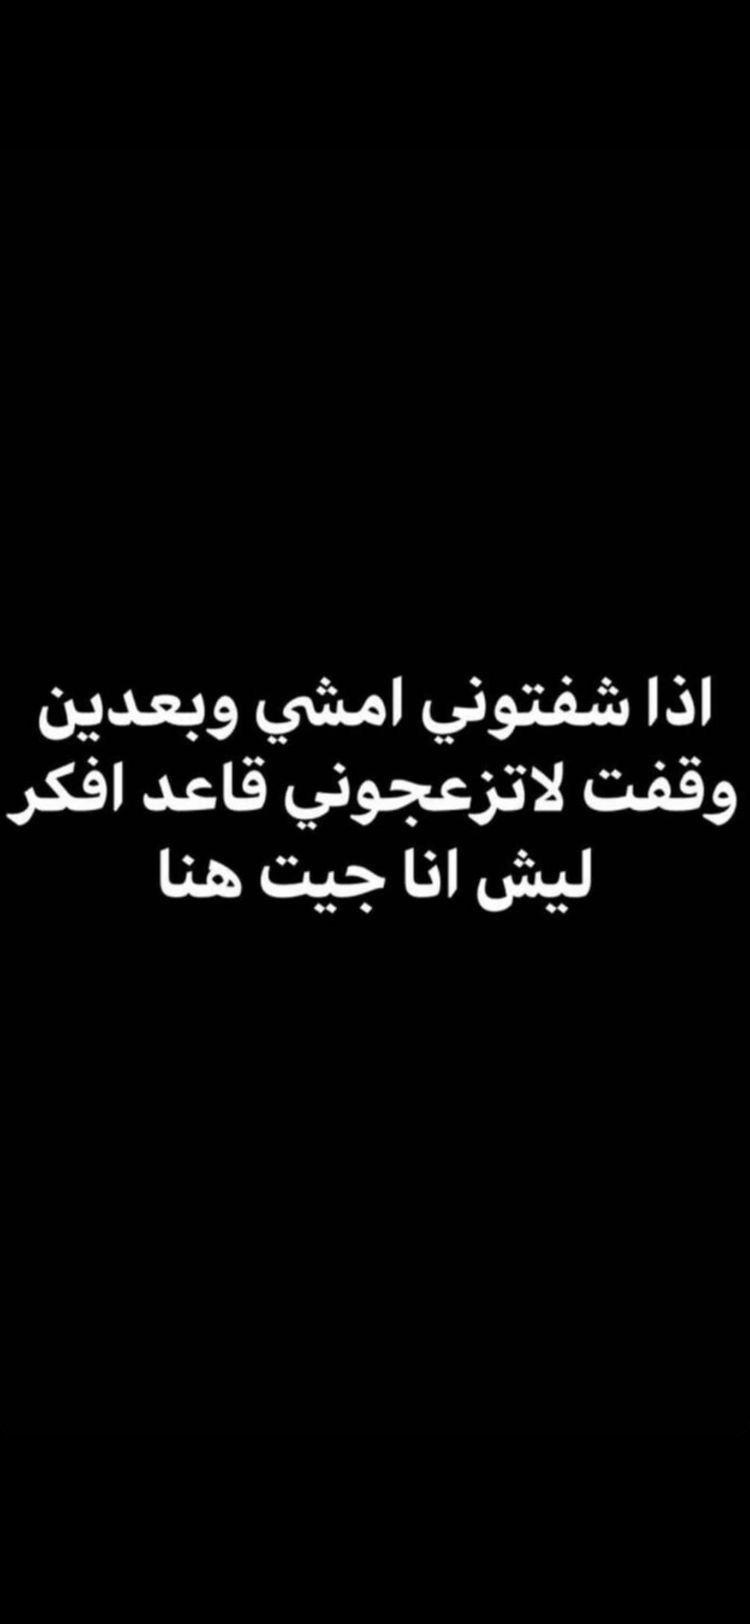 أنا العبد الذي كسب الذنوب و صدته الأماني أن يتوبـــا أنا العبد الذي أضحى حزينا على زلاته قلقـــا كئ Islamic Inspirational Quotes Inspirational Quotes Quotes